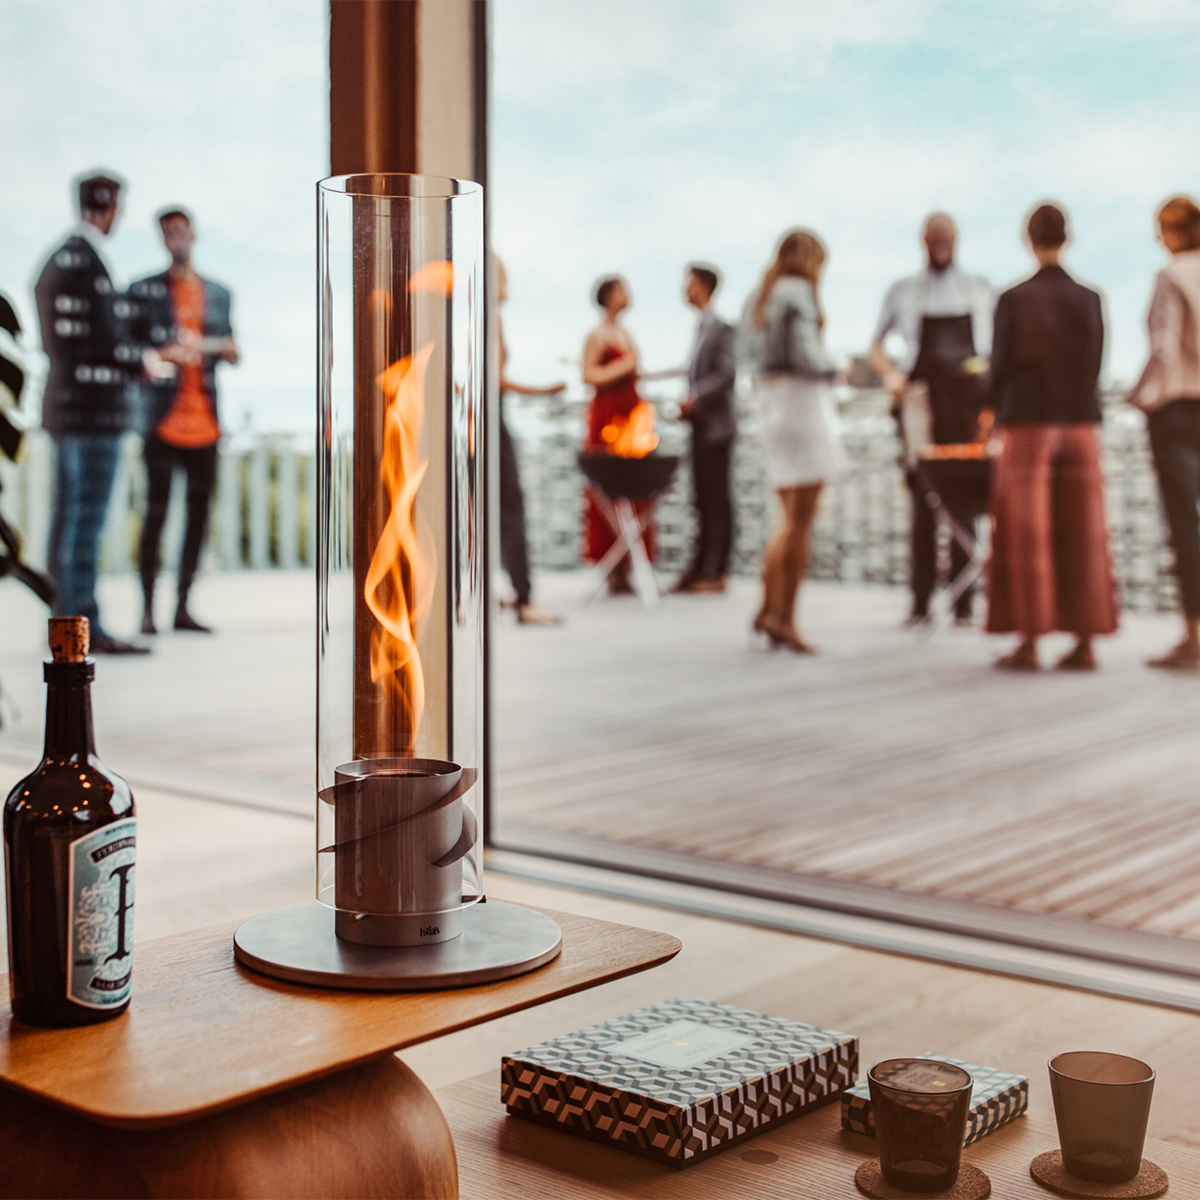 見た目の華やかさとは打って変わって、至極シンプルな構造とカンタンな設置に驚く。煙突効果で炎が廻りながら上昇!煙が出にくい安全燃料の「テーブルランタン&ガーデントーチ」|Hofats SPIN(ホーファッツ スピン)